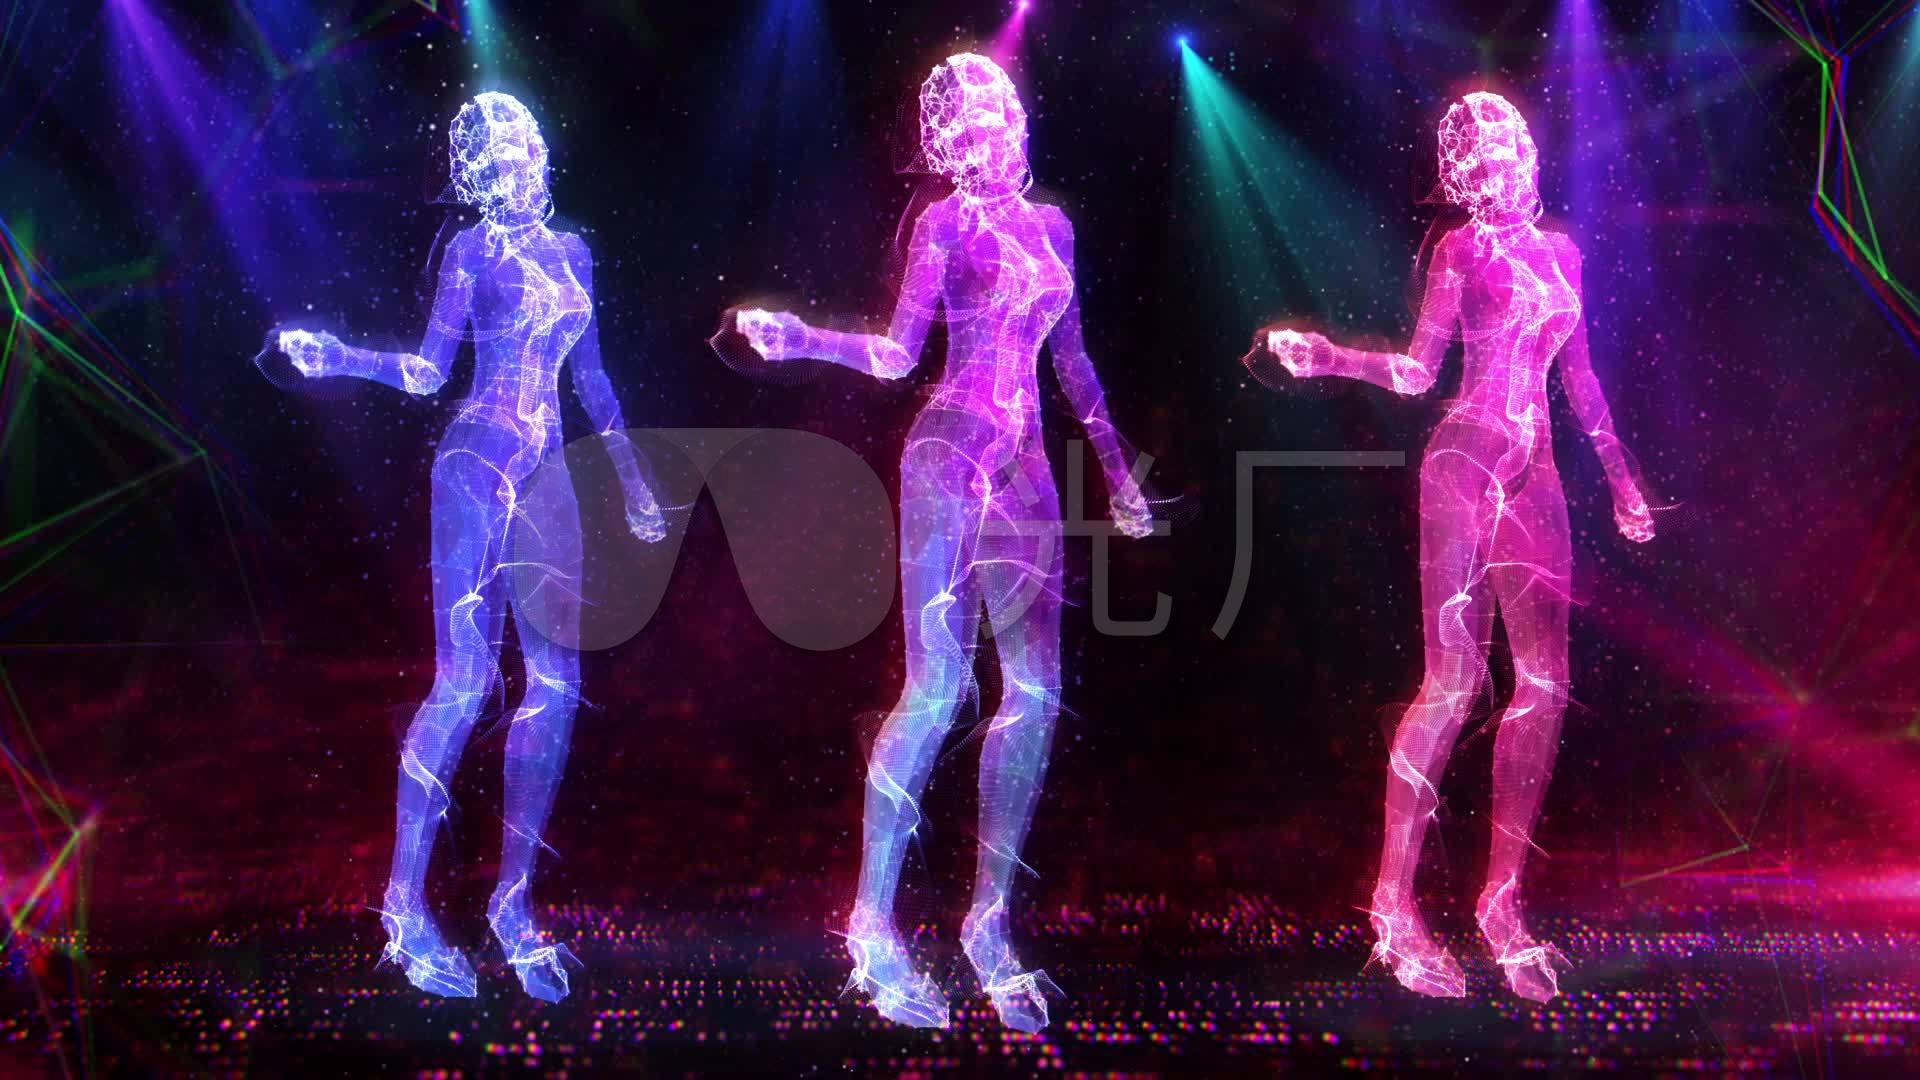 歌曲全息女跳舞_1920X1080_视频素材视频下高清的钟丽缇性感性感图片